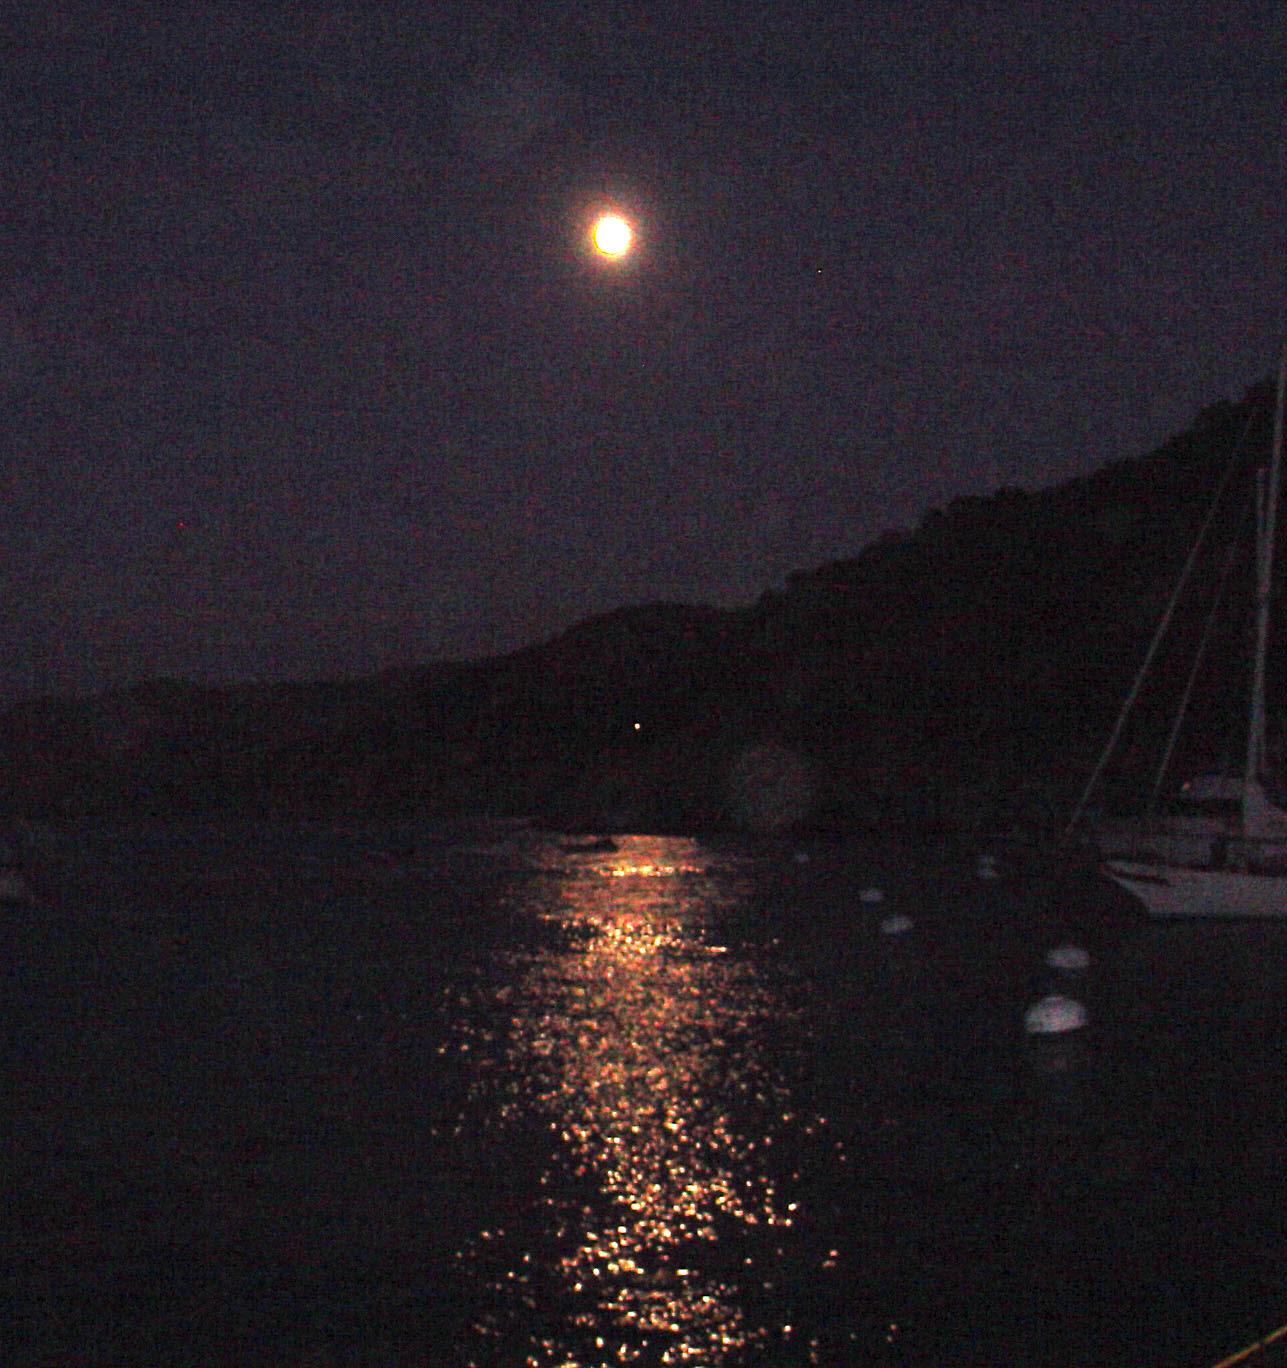 http://johnstodderinexile.files.wordpress.com/2006/08/full-moon-fever-for-blog.jpg